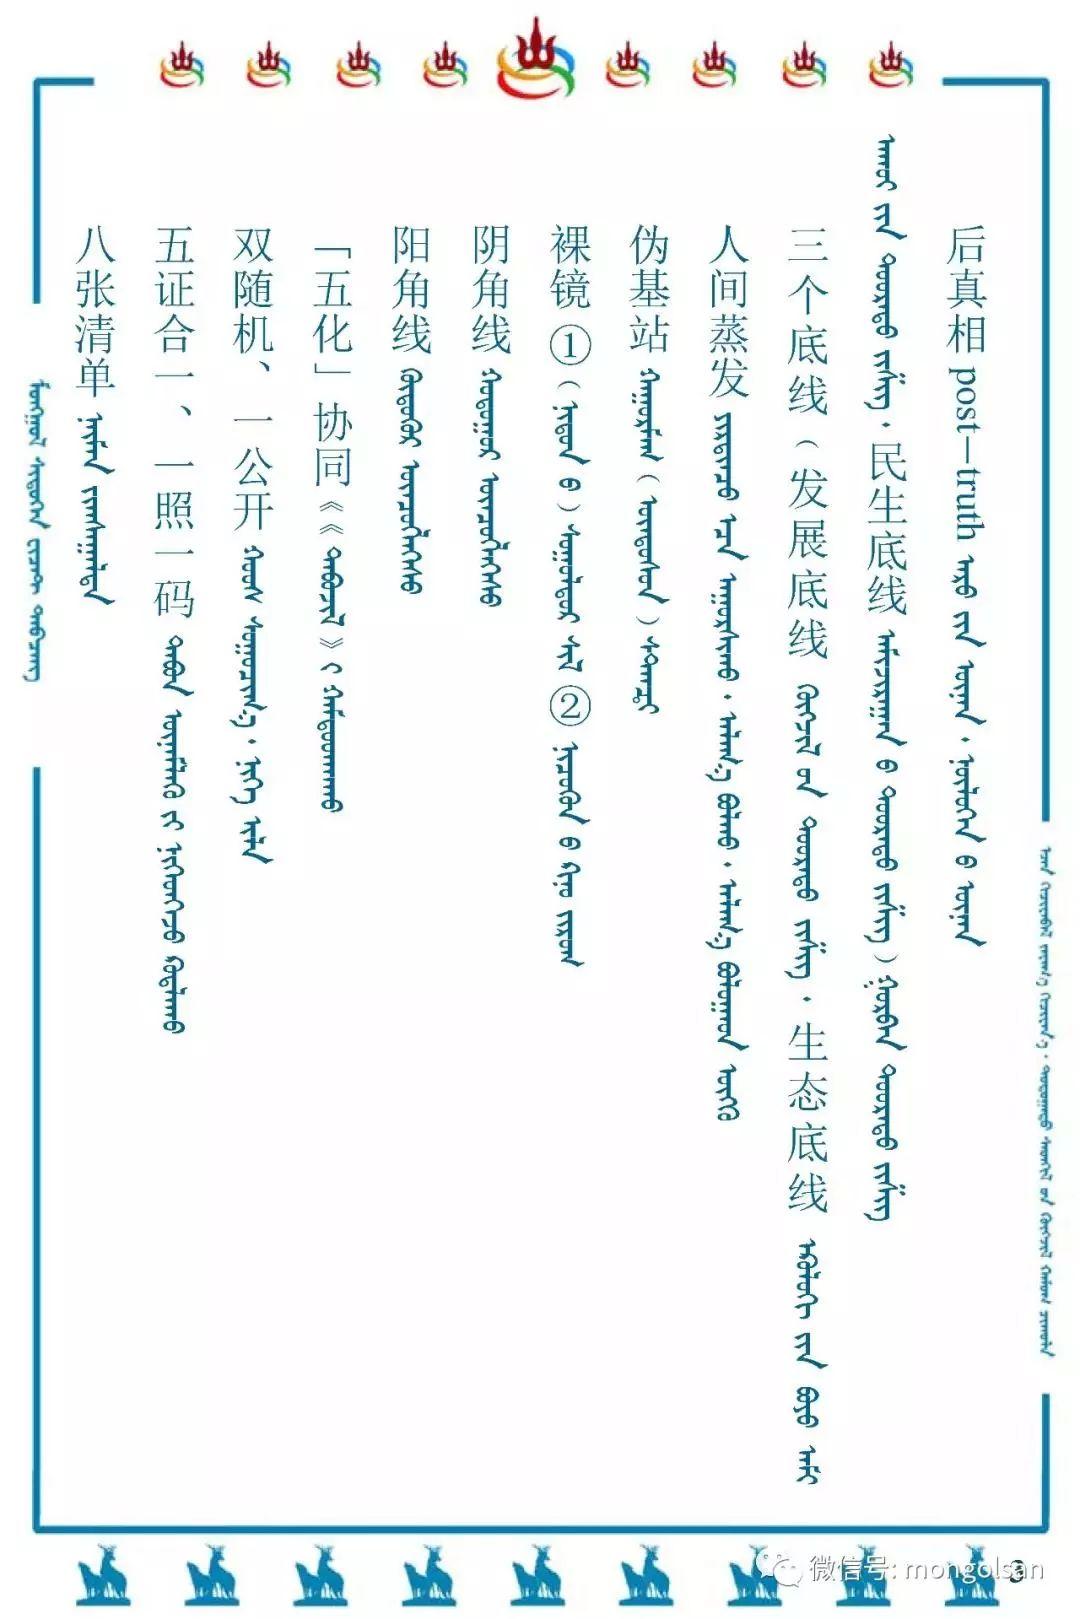 最新名词蒙古语翻译参考 第3张